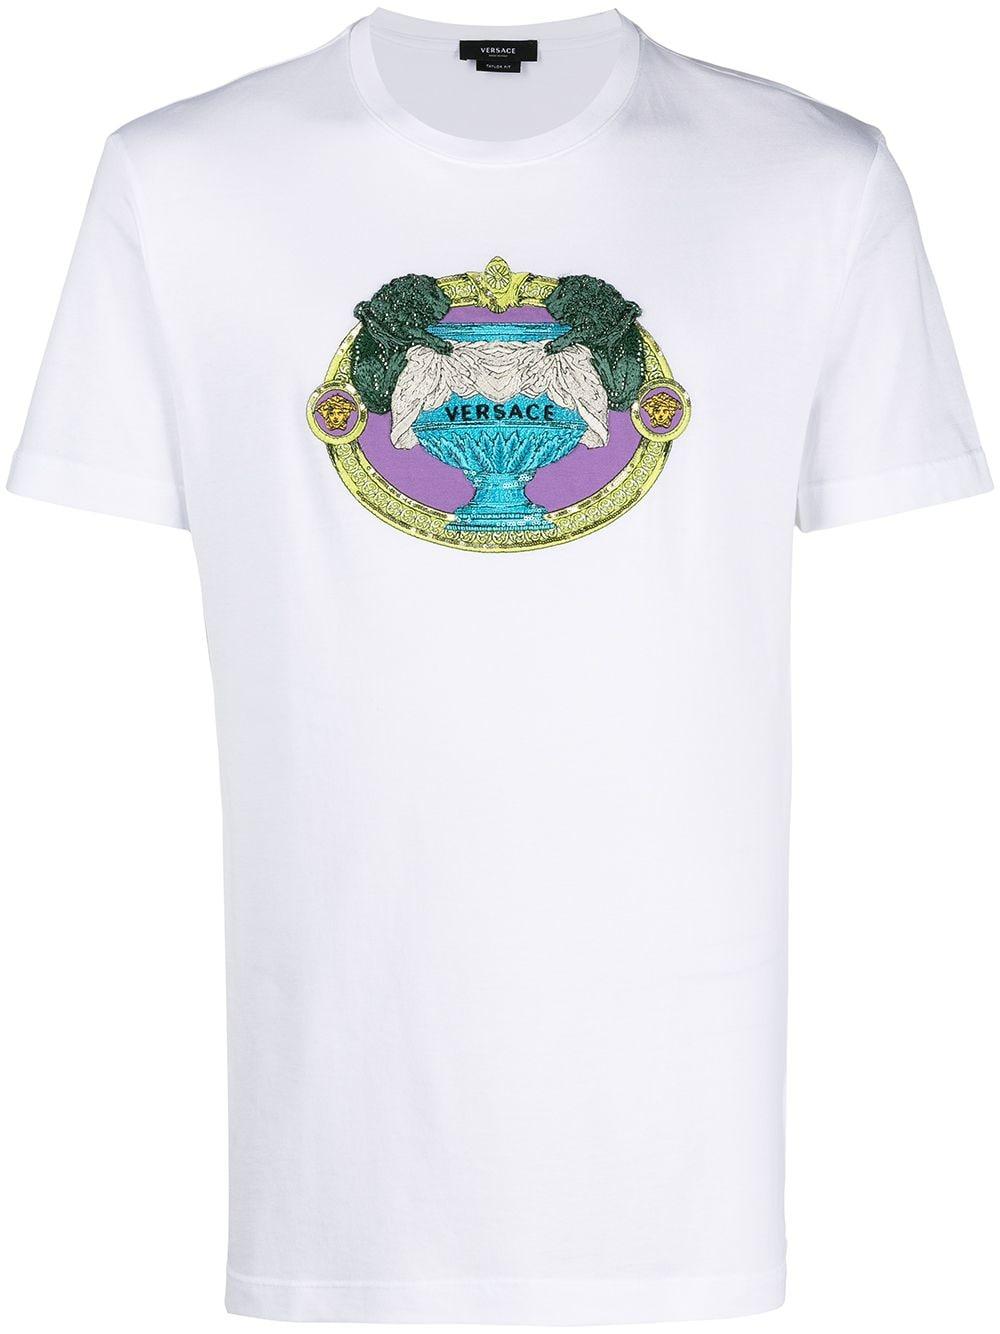 Versace 'La Coupe des Dieux' T-Shirt - Weiß